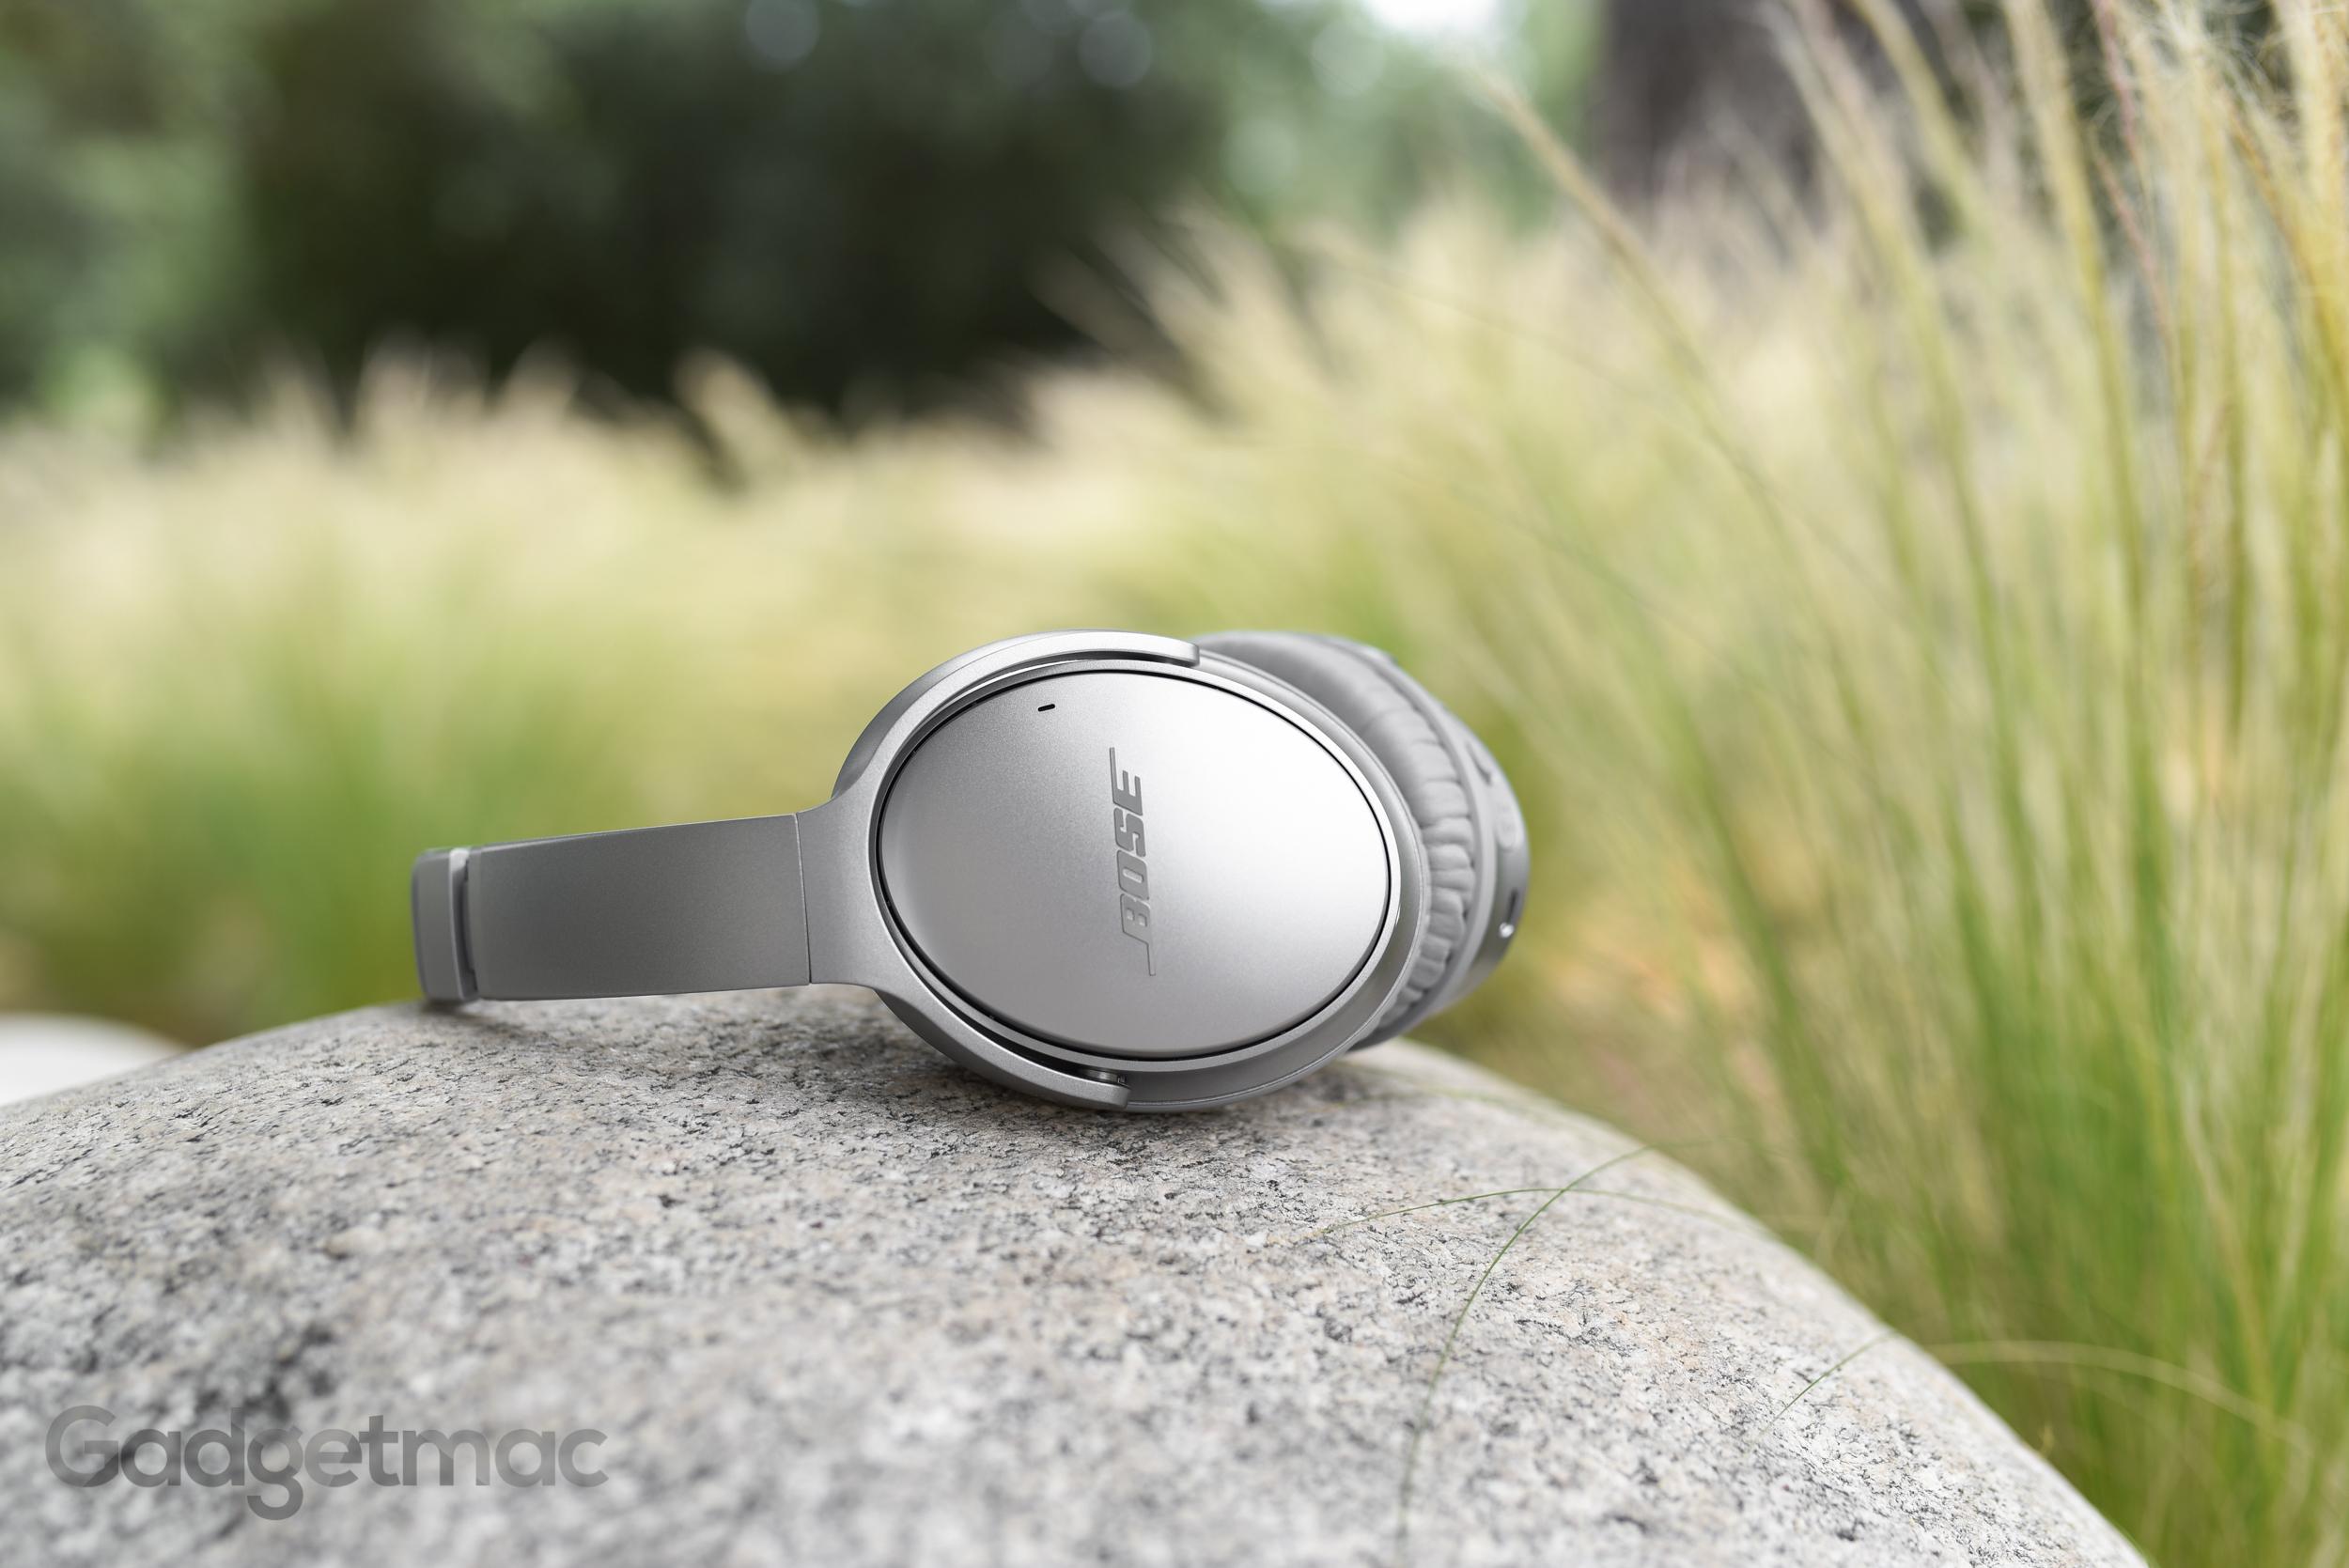 bose-quietcomfort-35-wireless-noise-canceling-headphones.jpg